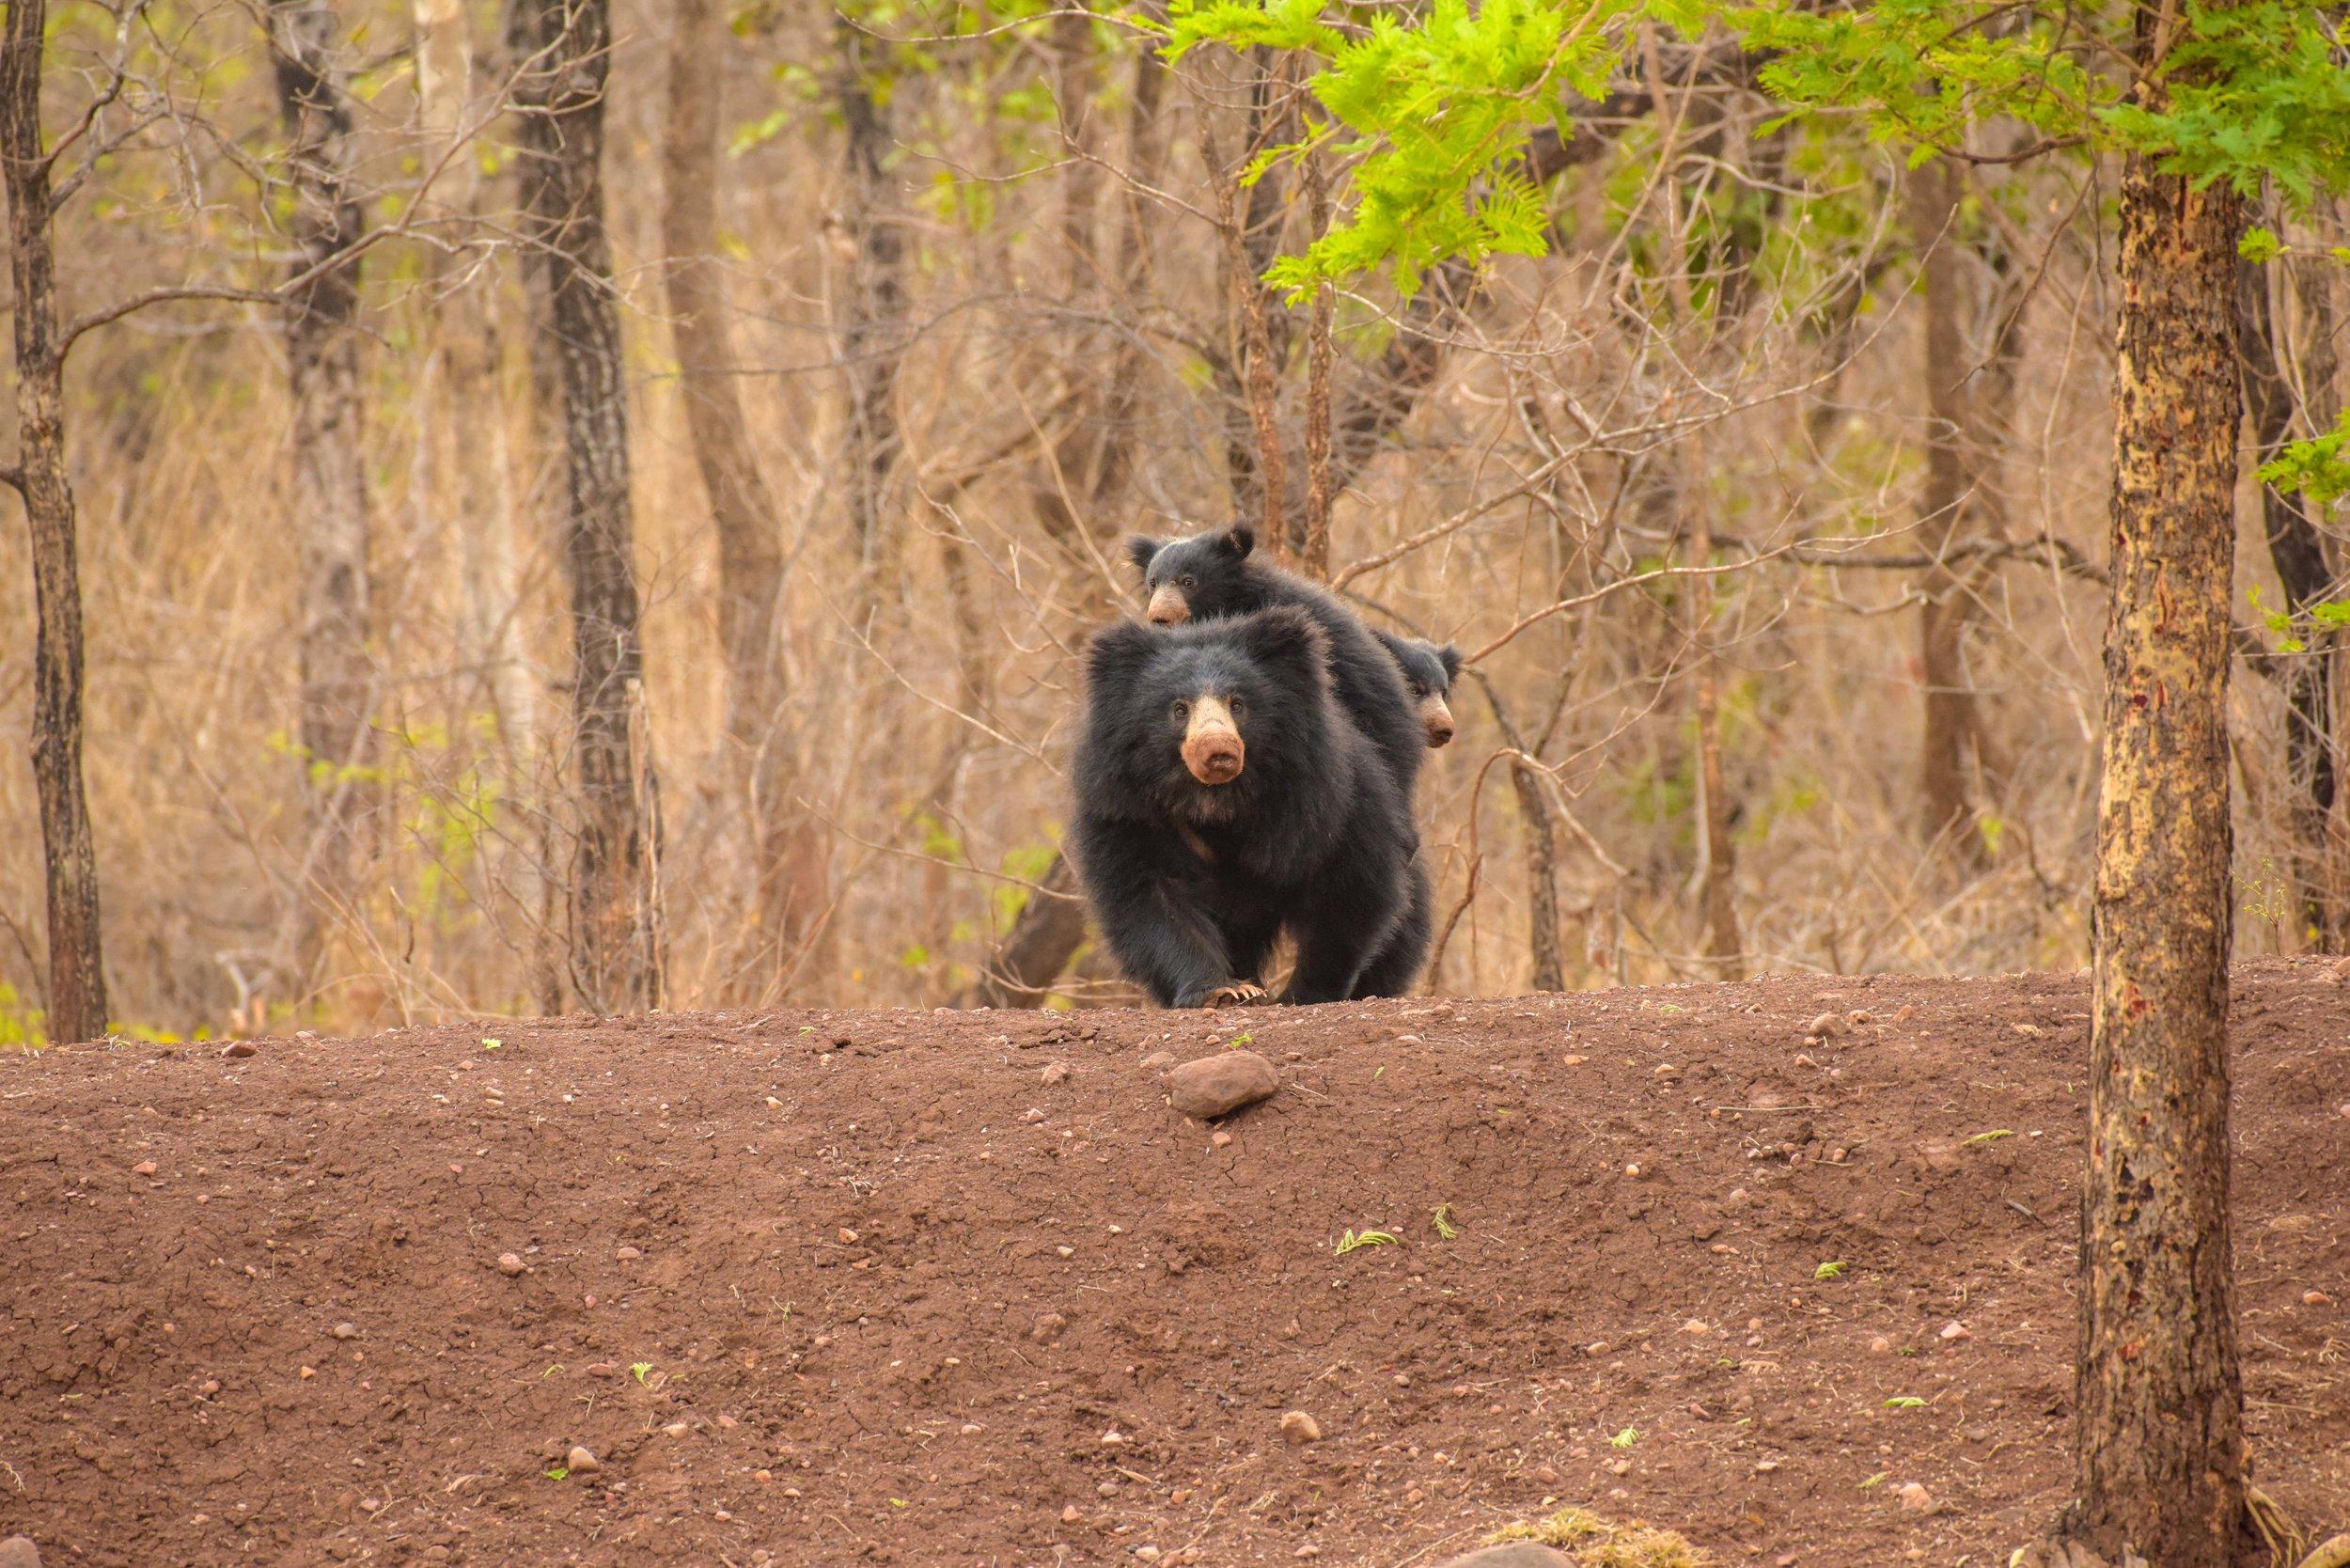 Bear with cubs_Edited.jpg